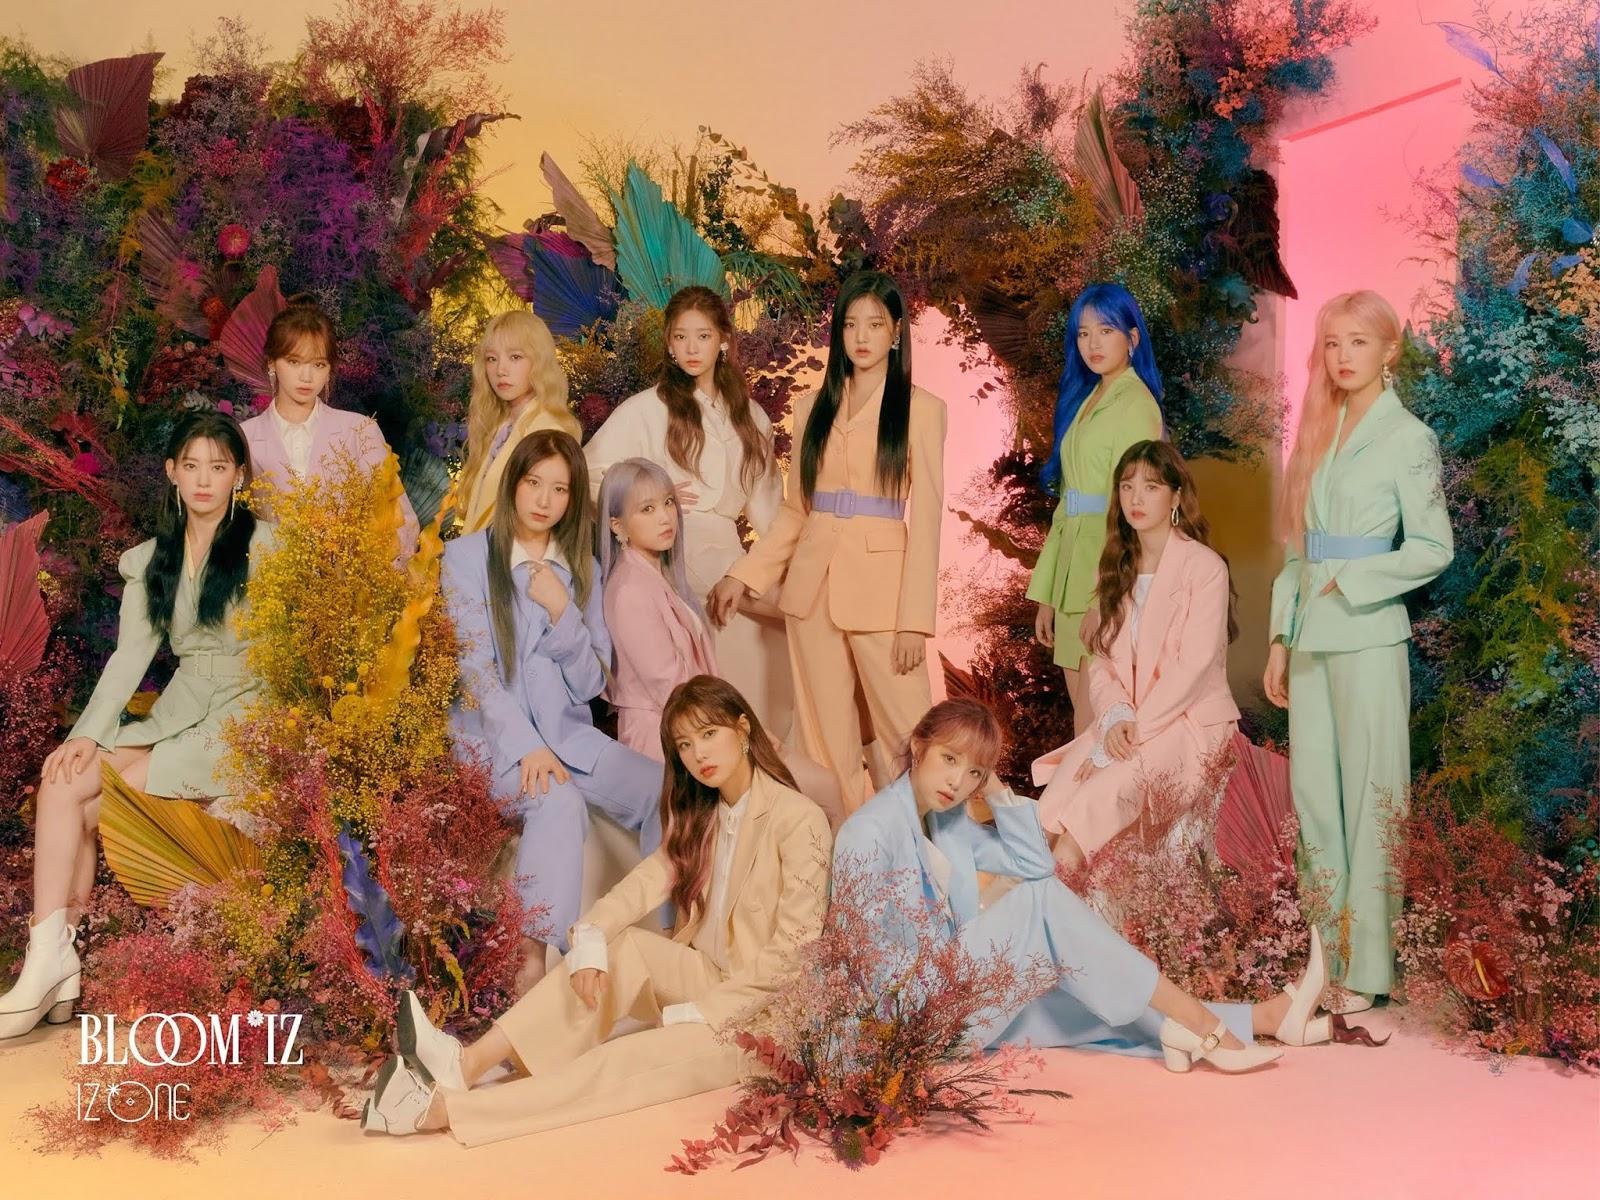 IZ*ONE's Member Looks Elegant on 'BLOOM*IZ' Teaser Photos